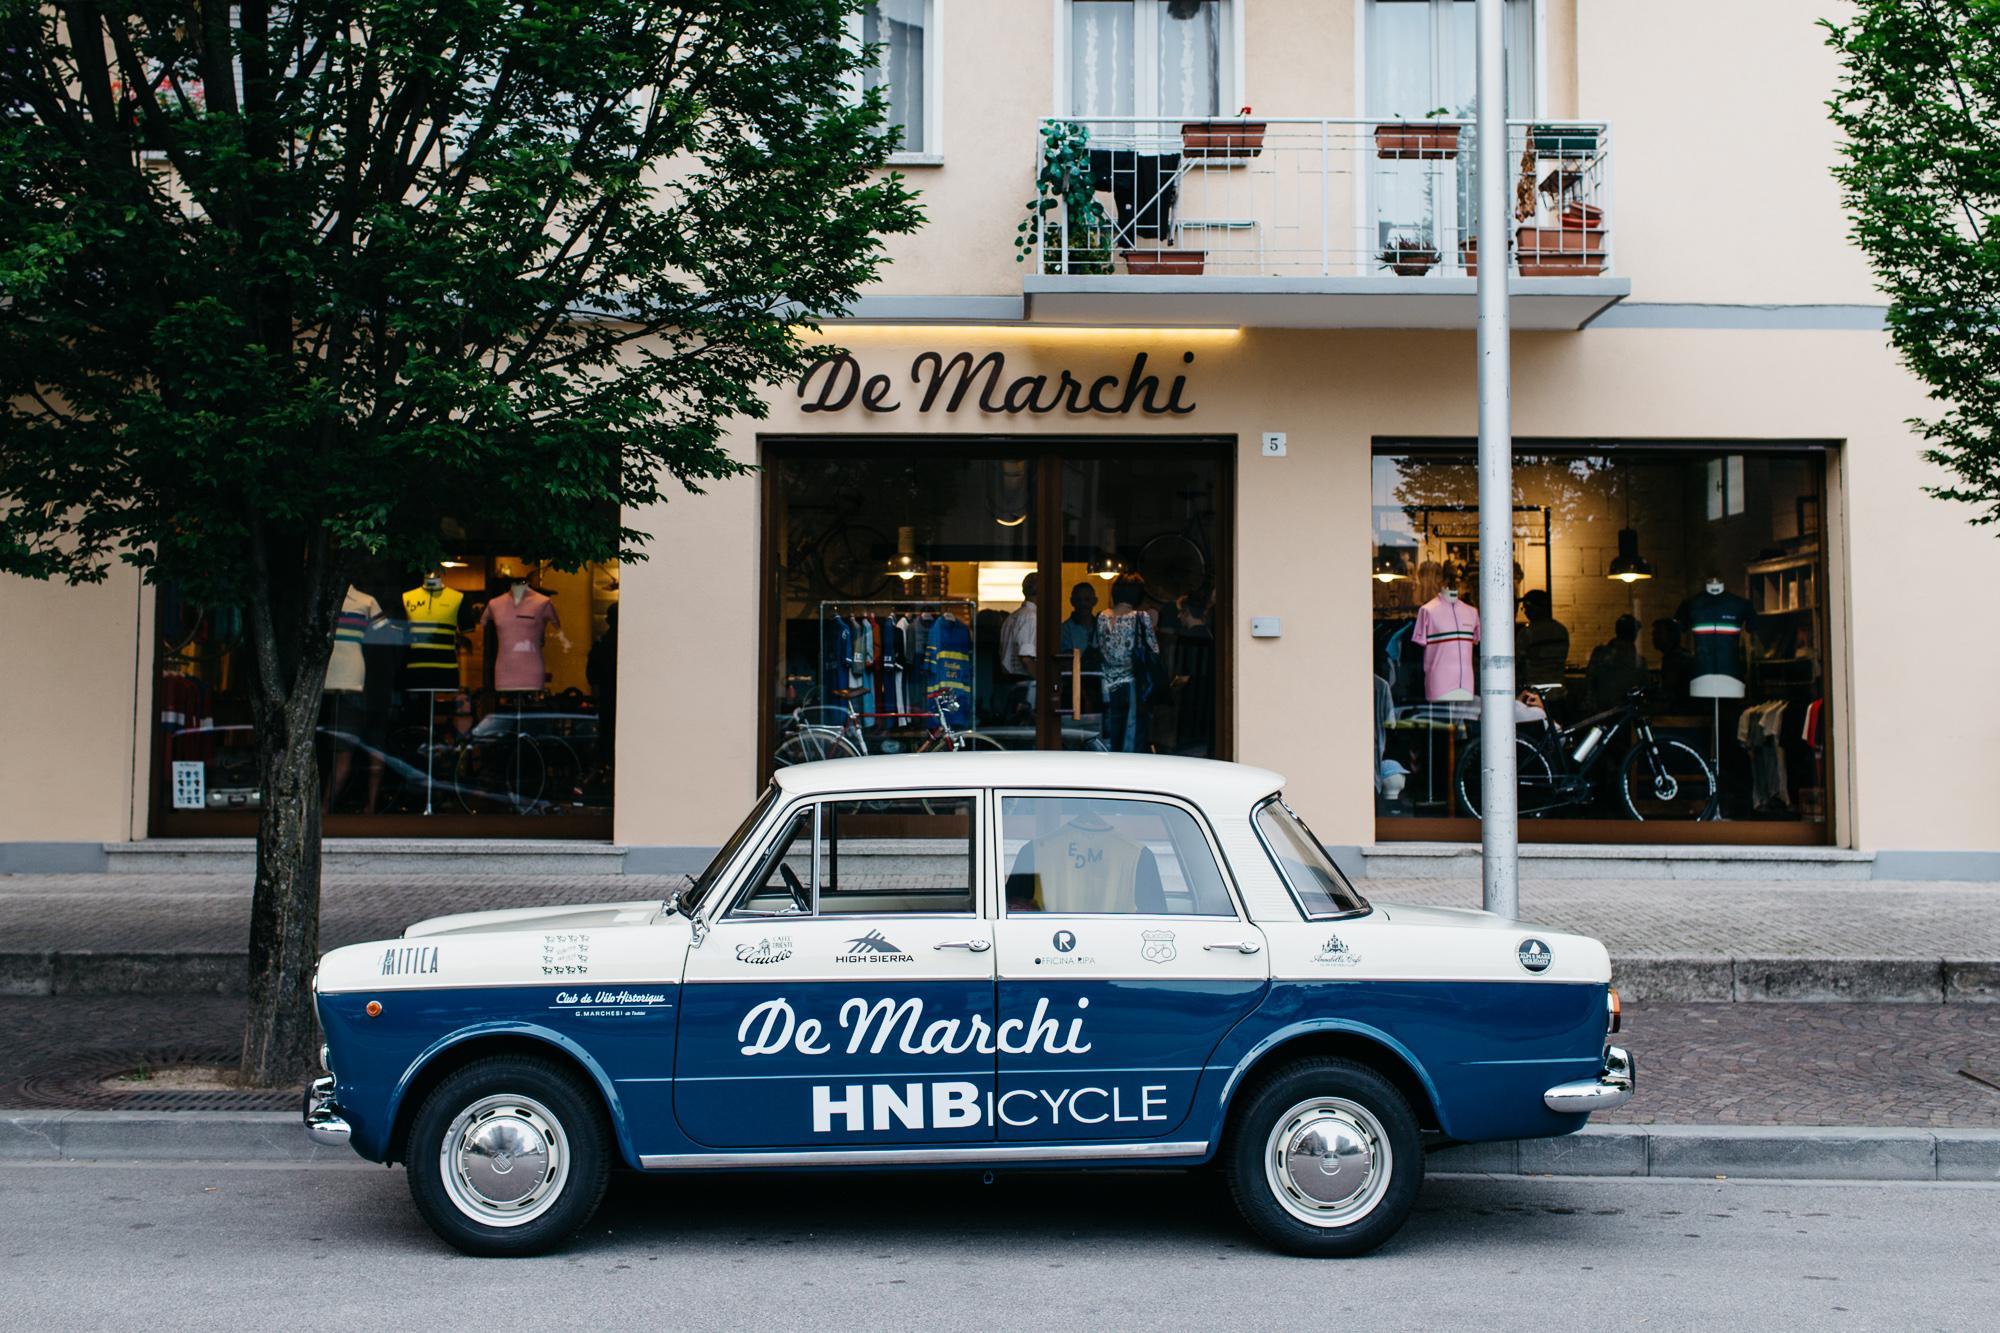 De Marchi's storefront in Conegliano, Italy.